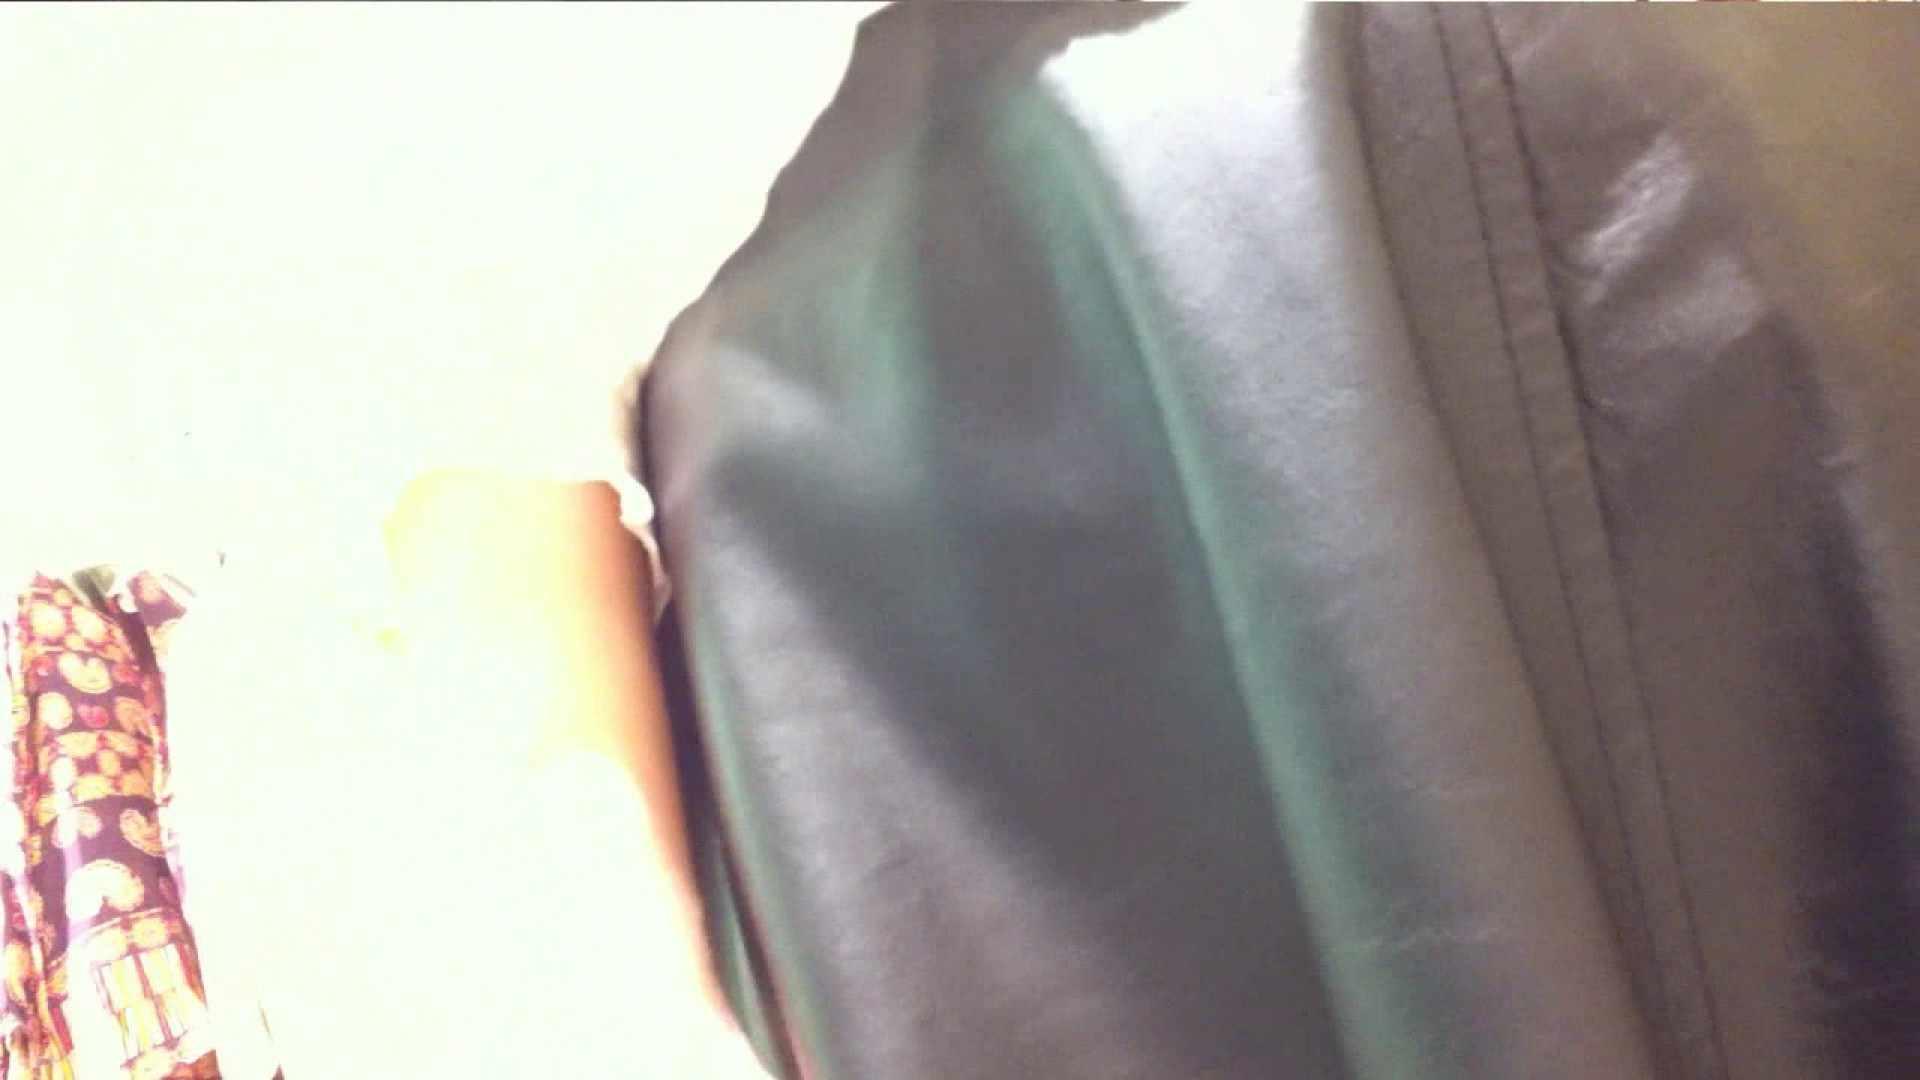 vol.38 美人アパレル胸チラ&パンチラ いい感じに食い込んでます 胸チラ 覗きスケベ動画紹介 91画像 24